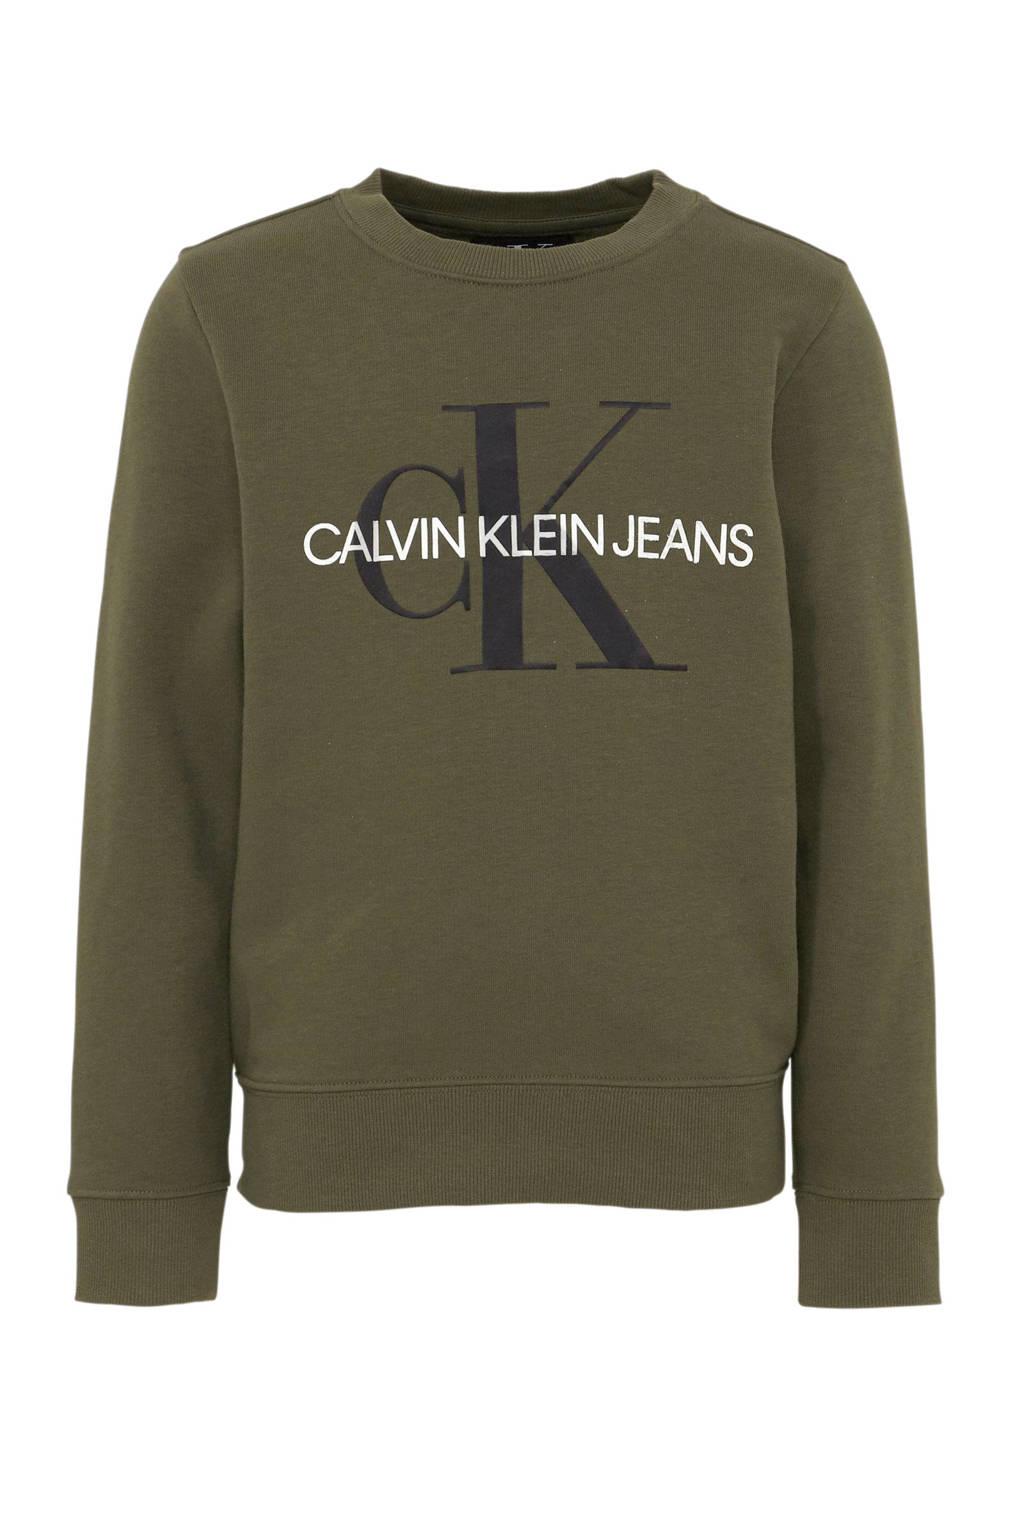 CALVIN KLEIN JEANS sweater met logo olijfgroen, Olijfgroen